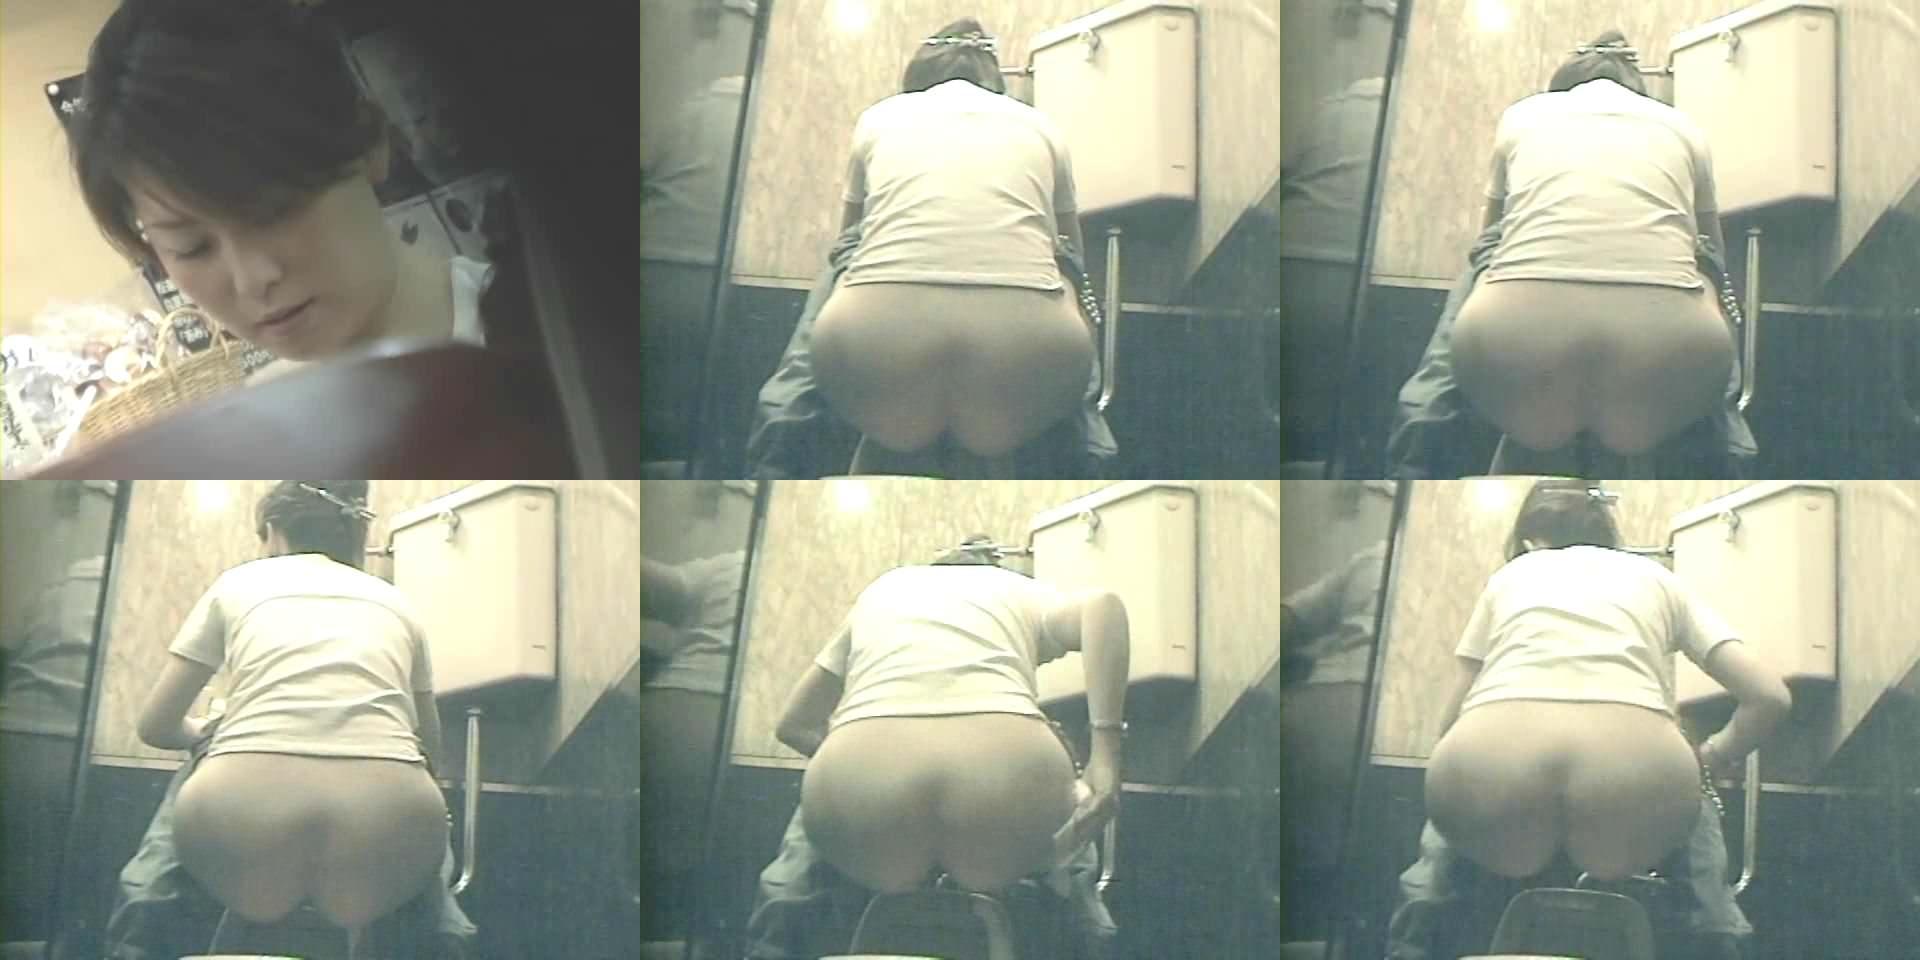 トイレでオシッコしてるお尻丸出し女性を隠し撮りwwwwwww 3068